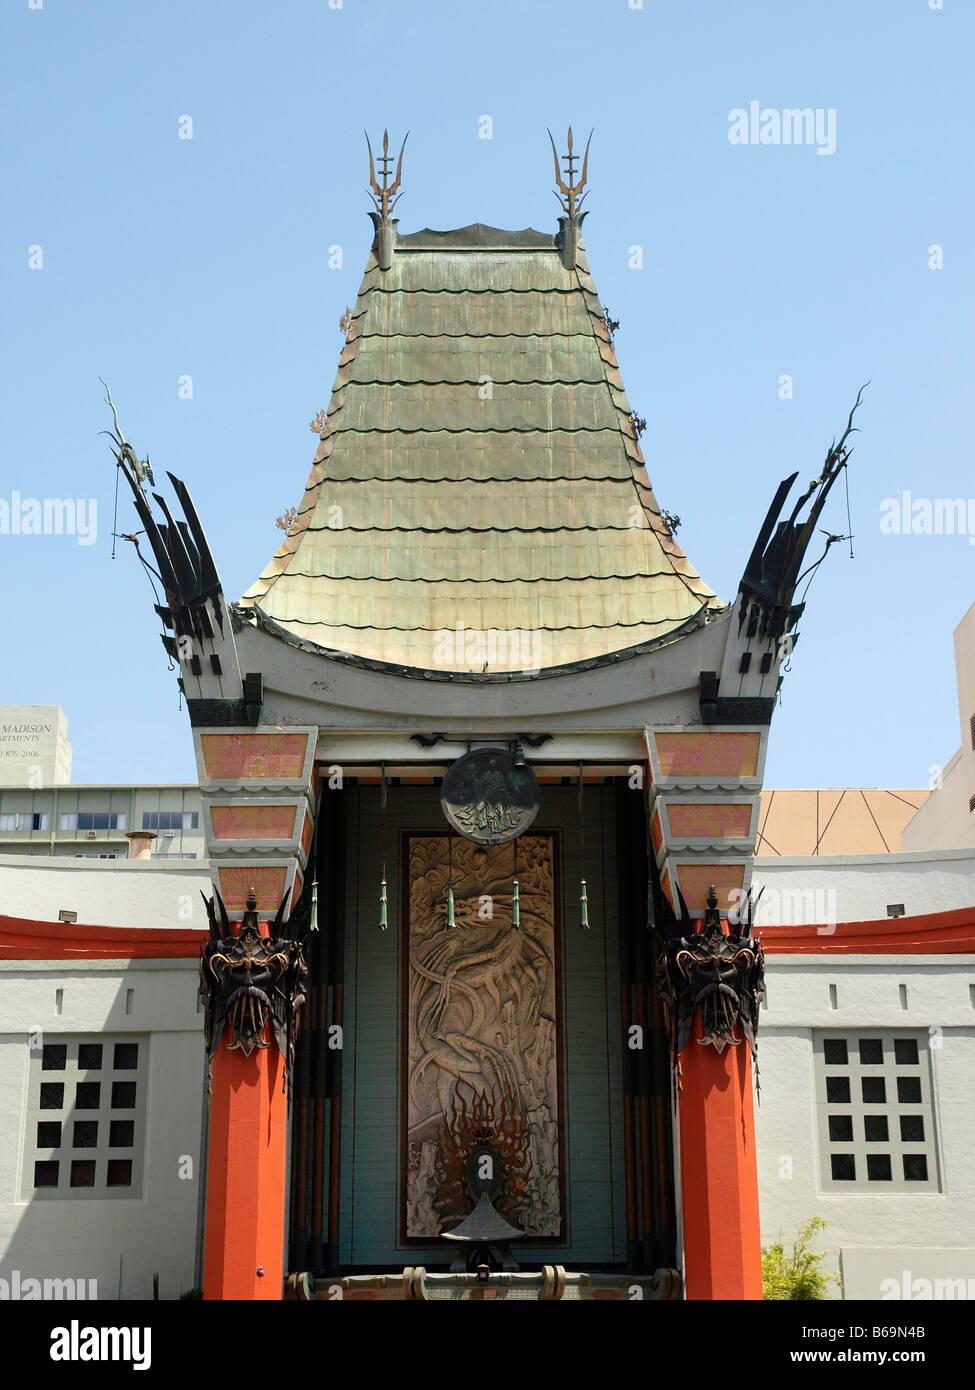 Dettaglio di Grauman's Chinese Theatre di Los Angeles in California Immagini Stock